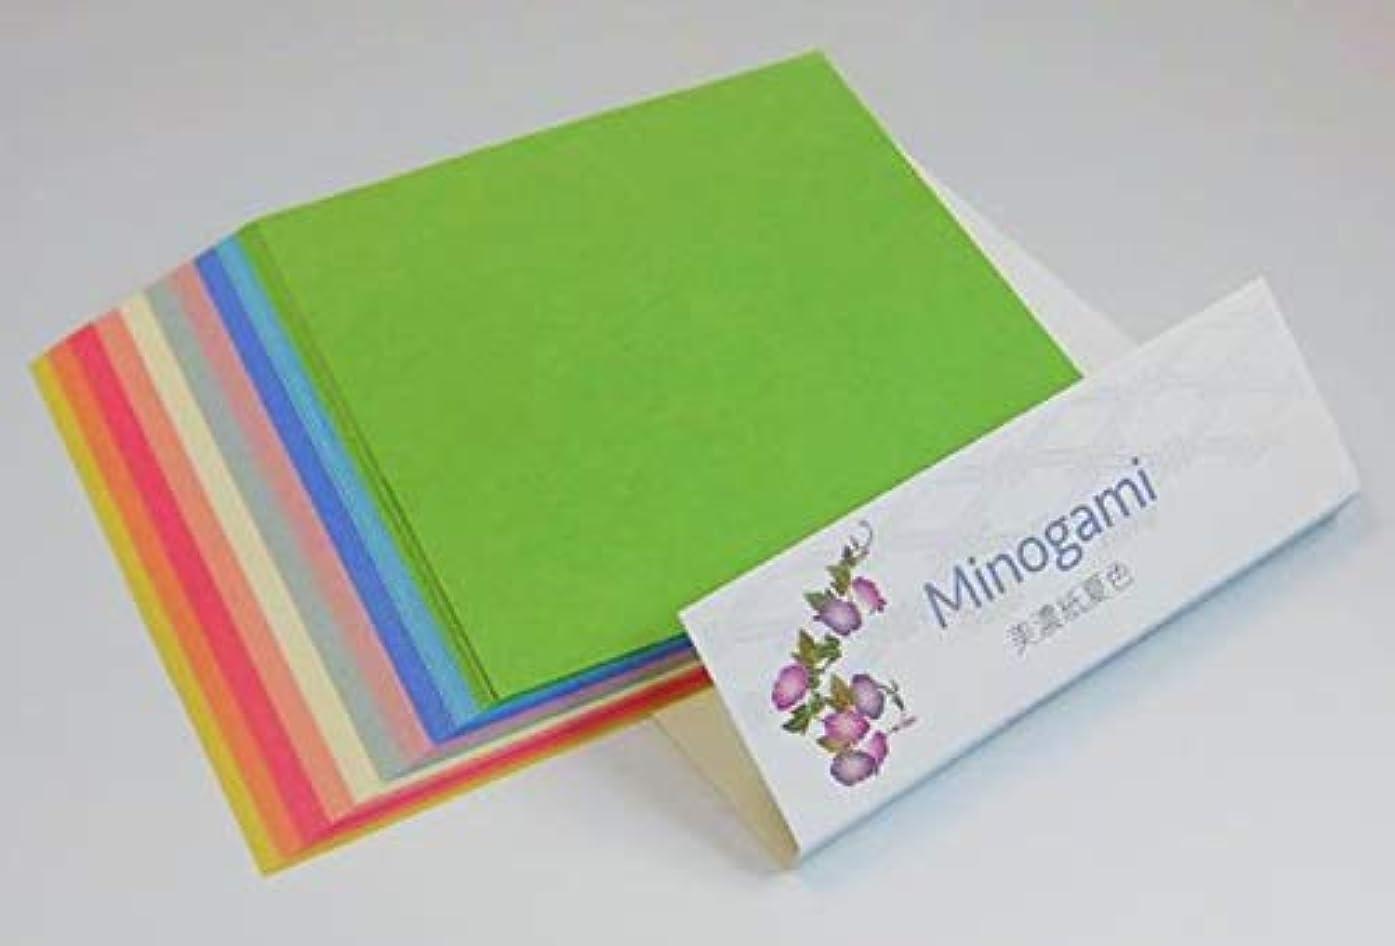 刺繍最愛の知り合いになるMinogami 美濃紙 夏色 MP-M2